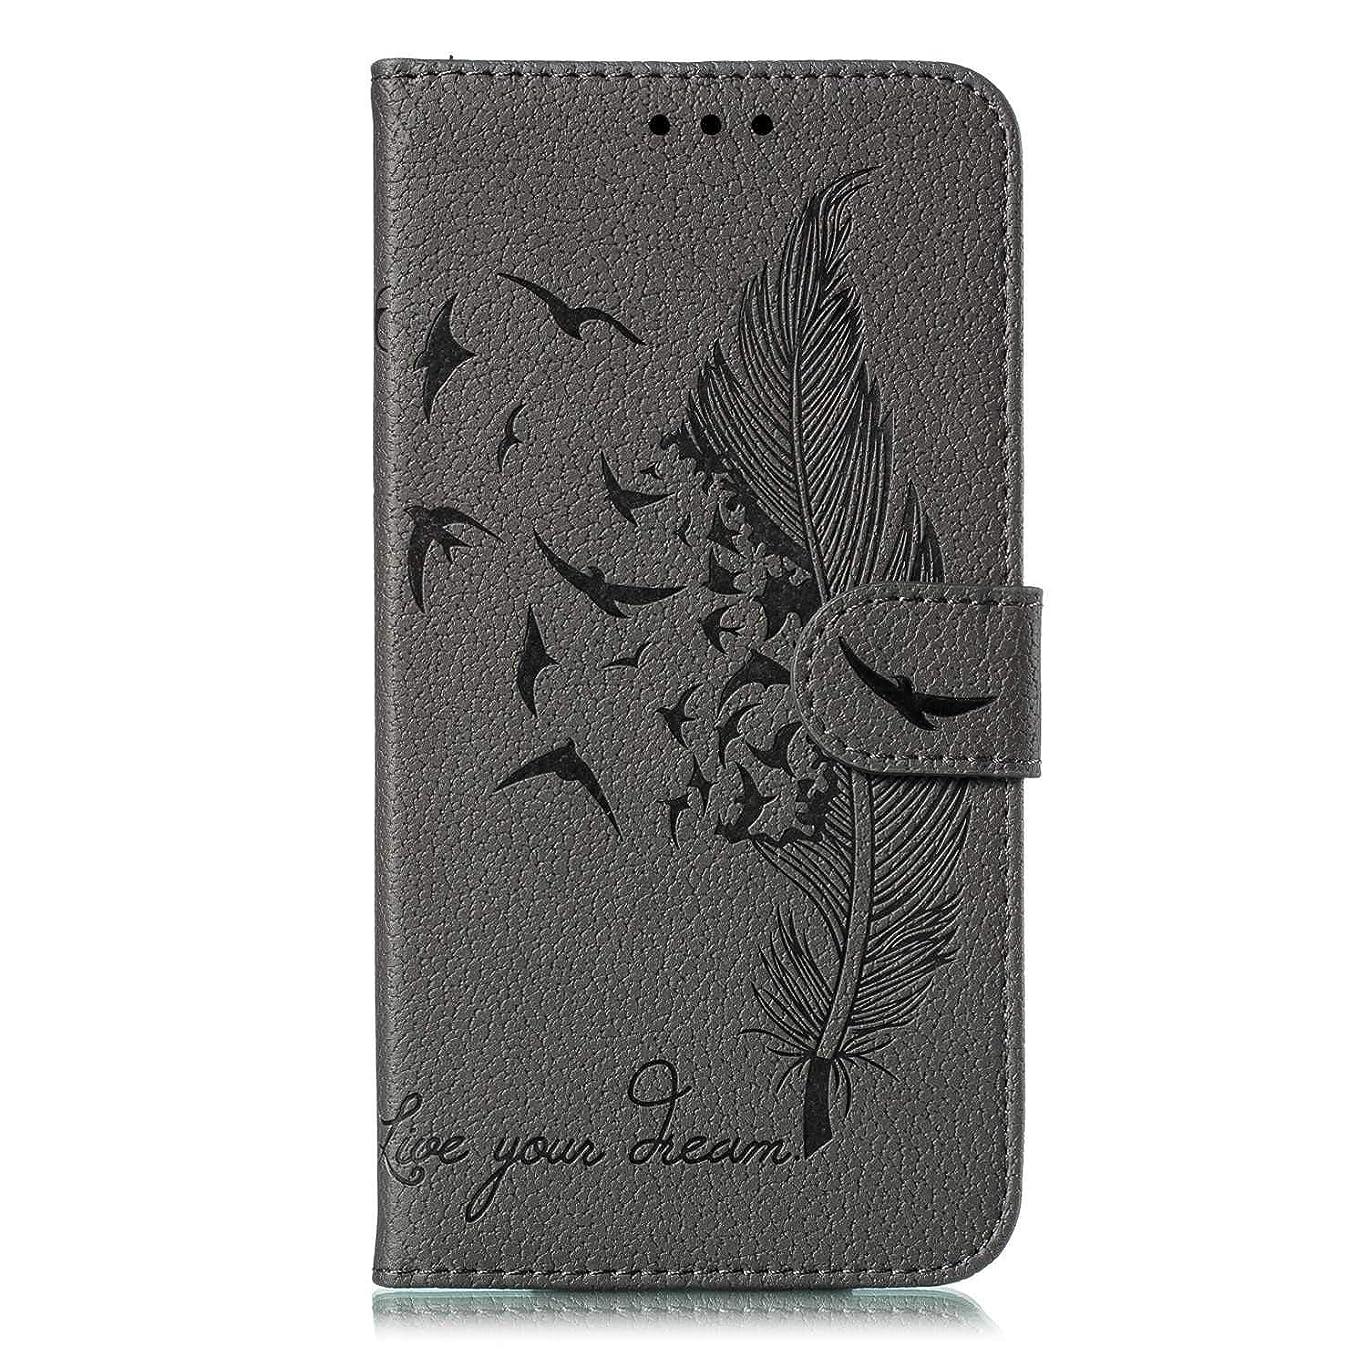 ポルノトレーダーフルートGalaxy A60 専用 おしゃれ ケース, CUSKING Samsung Galaxy A60 ケース 無地 全面保護 耐衝撃 マグネット式 保護ケース エンボス 柄 カバー カードポケット付き, グレー